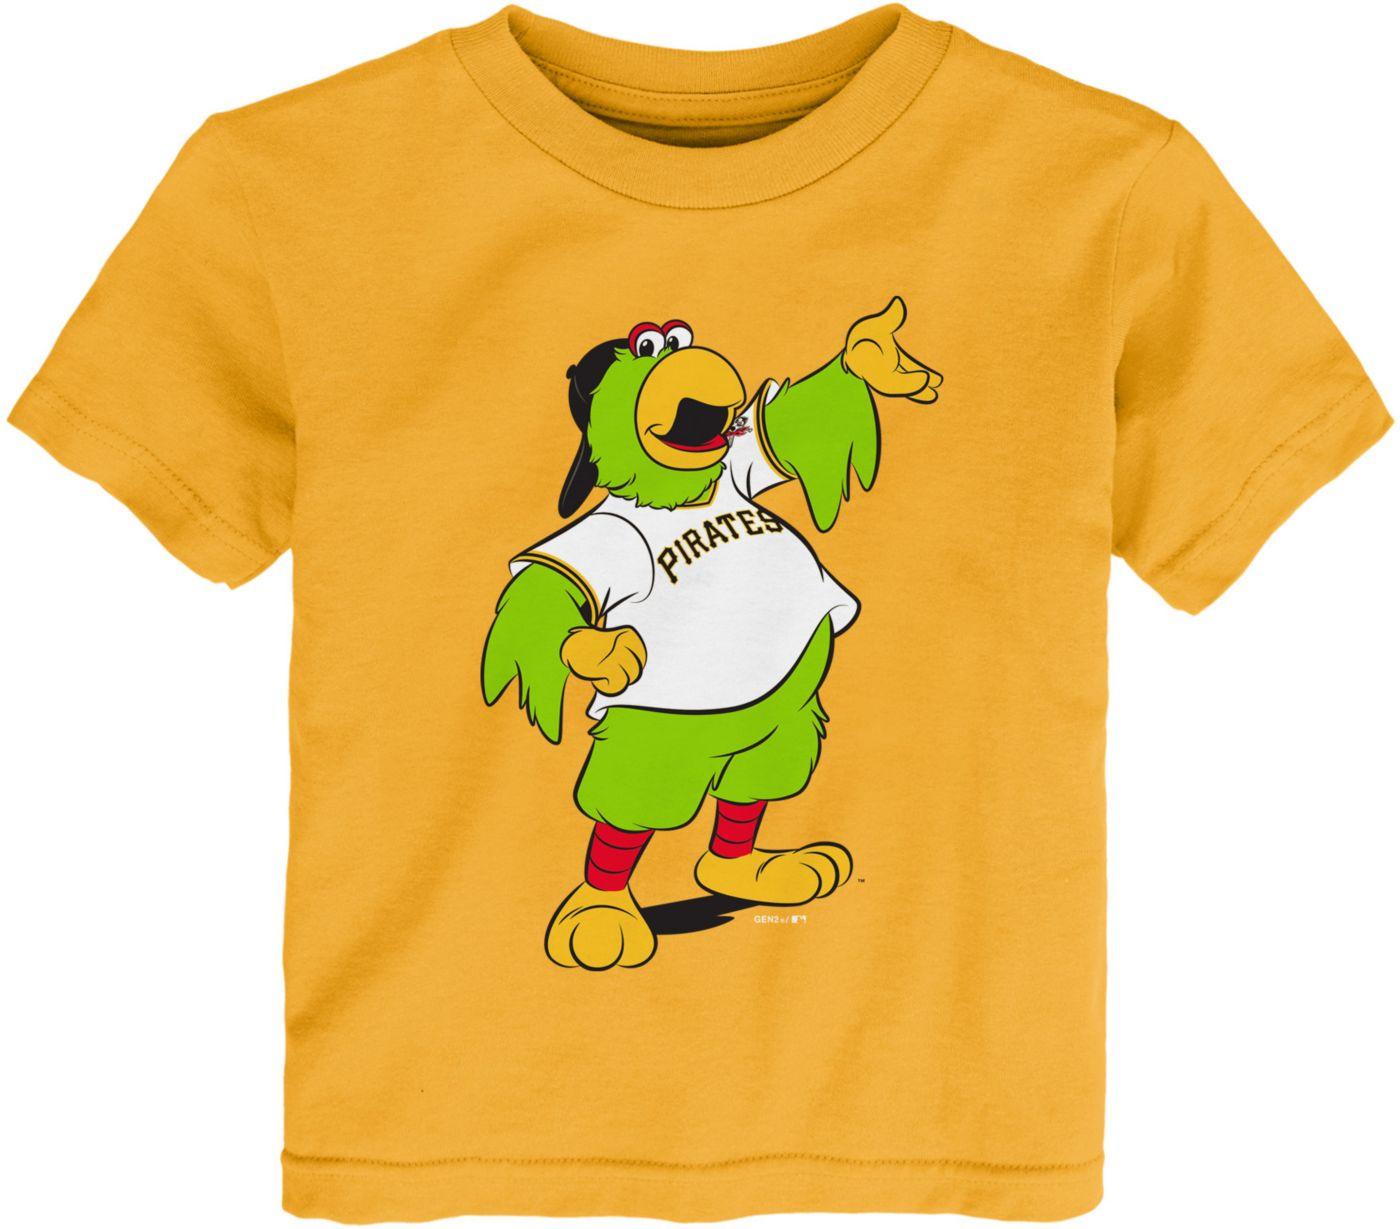 Gen2 Toddler Pittsburgh Pirates Mascot T-Shirt